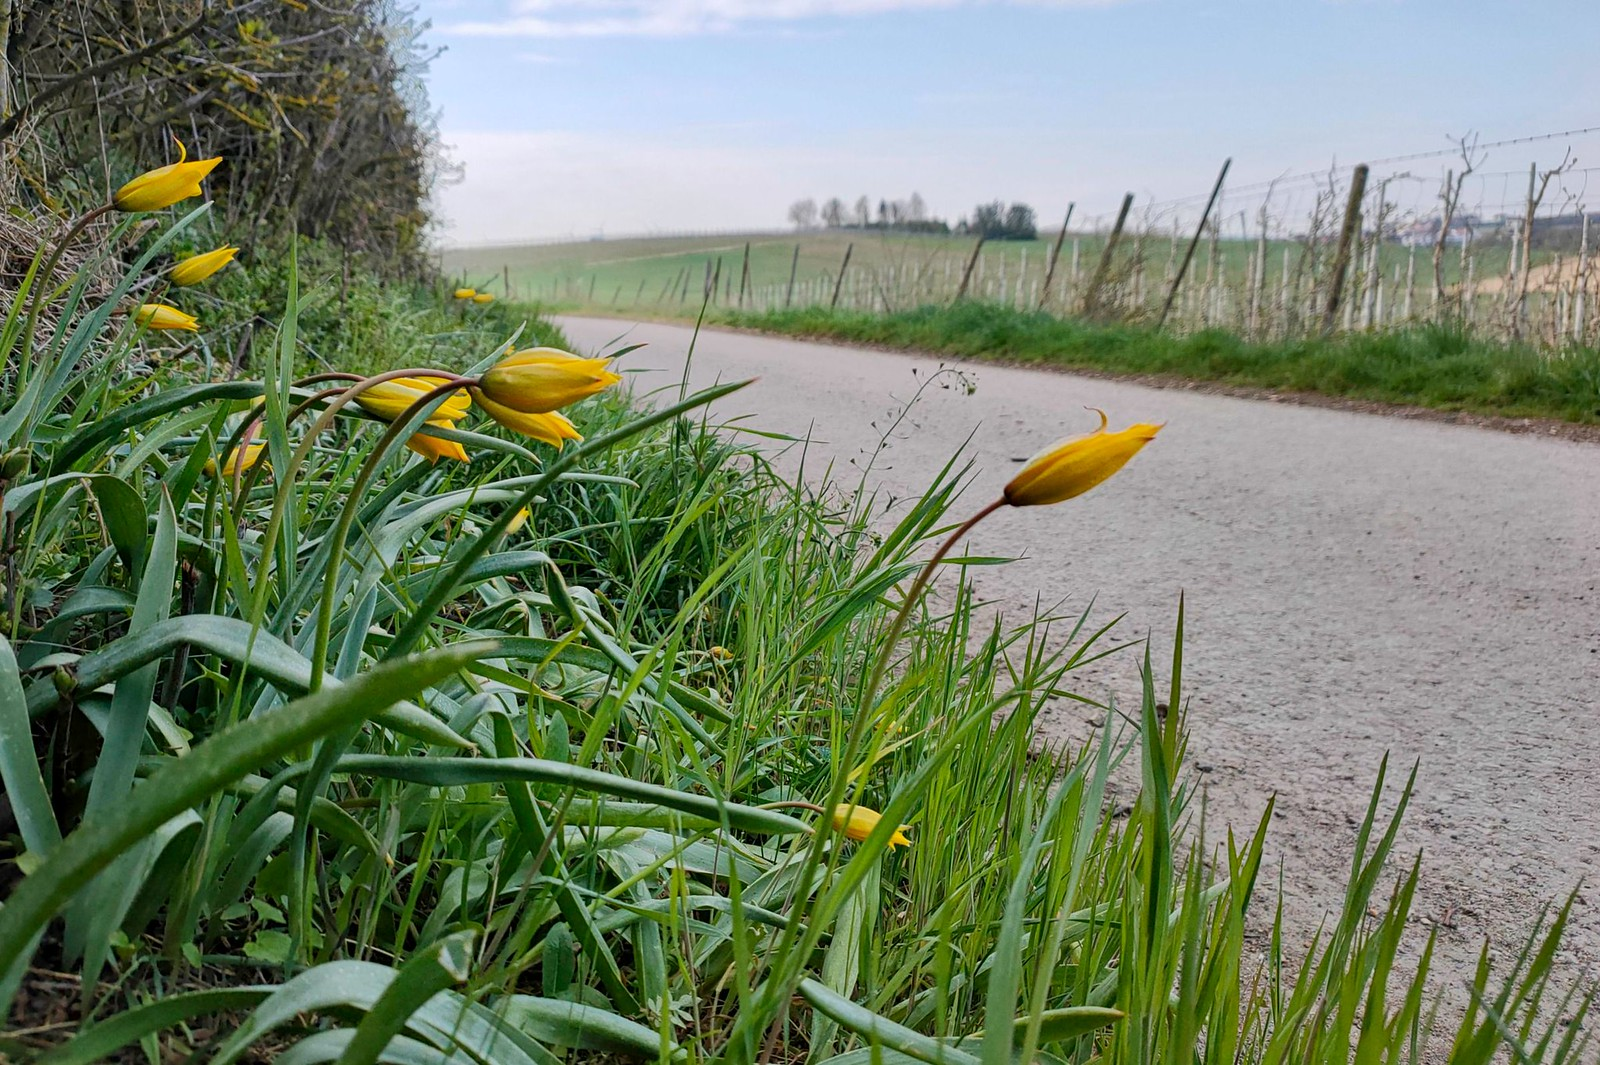 Wildtulpen am Wegesrand von Bechtolsheim nach Gau-Odernheim